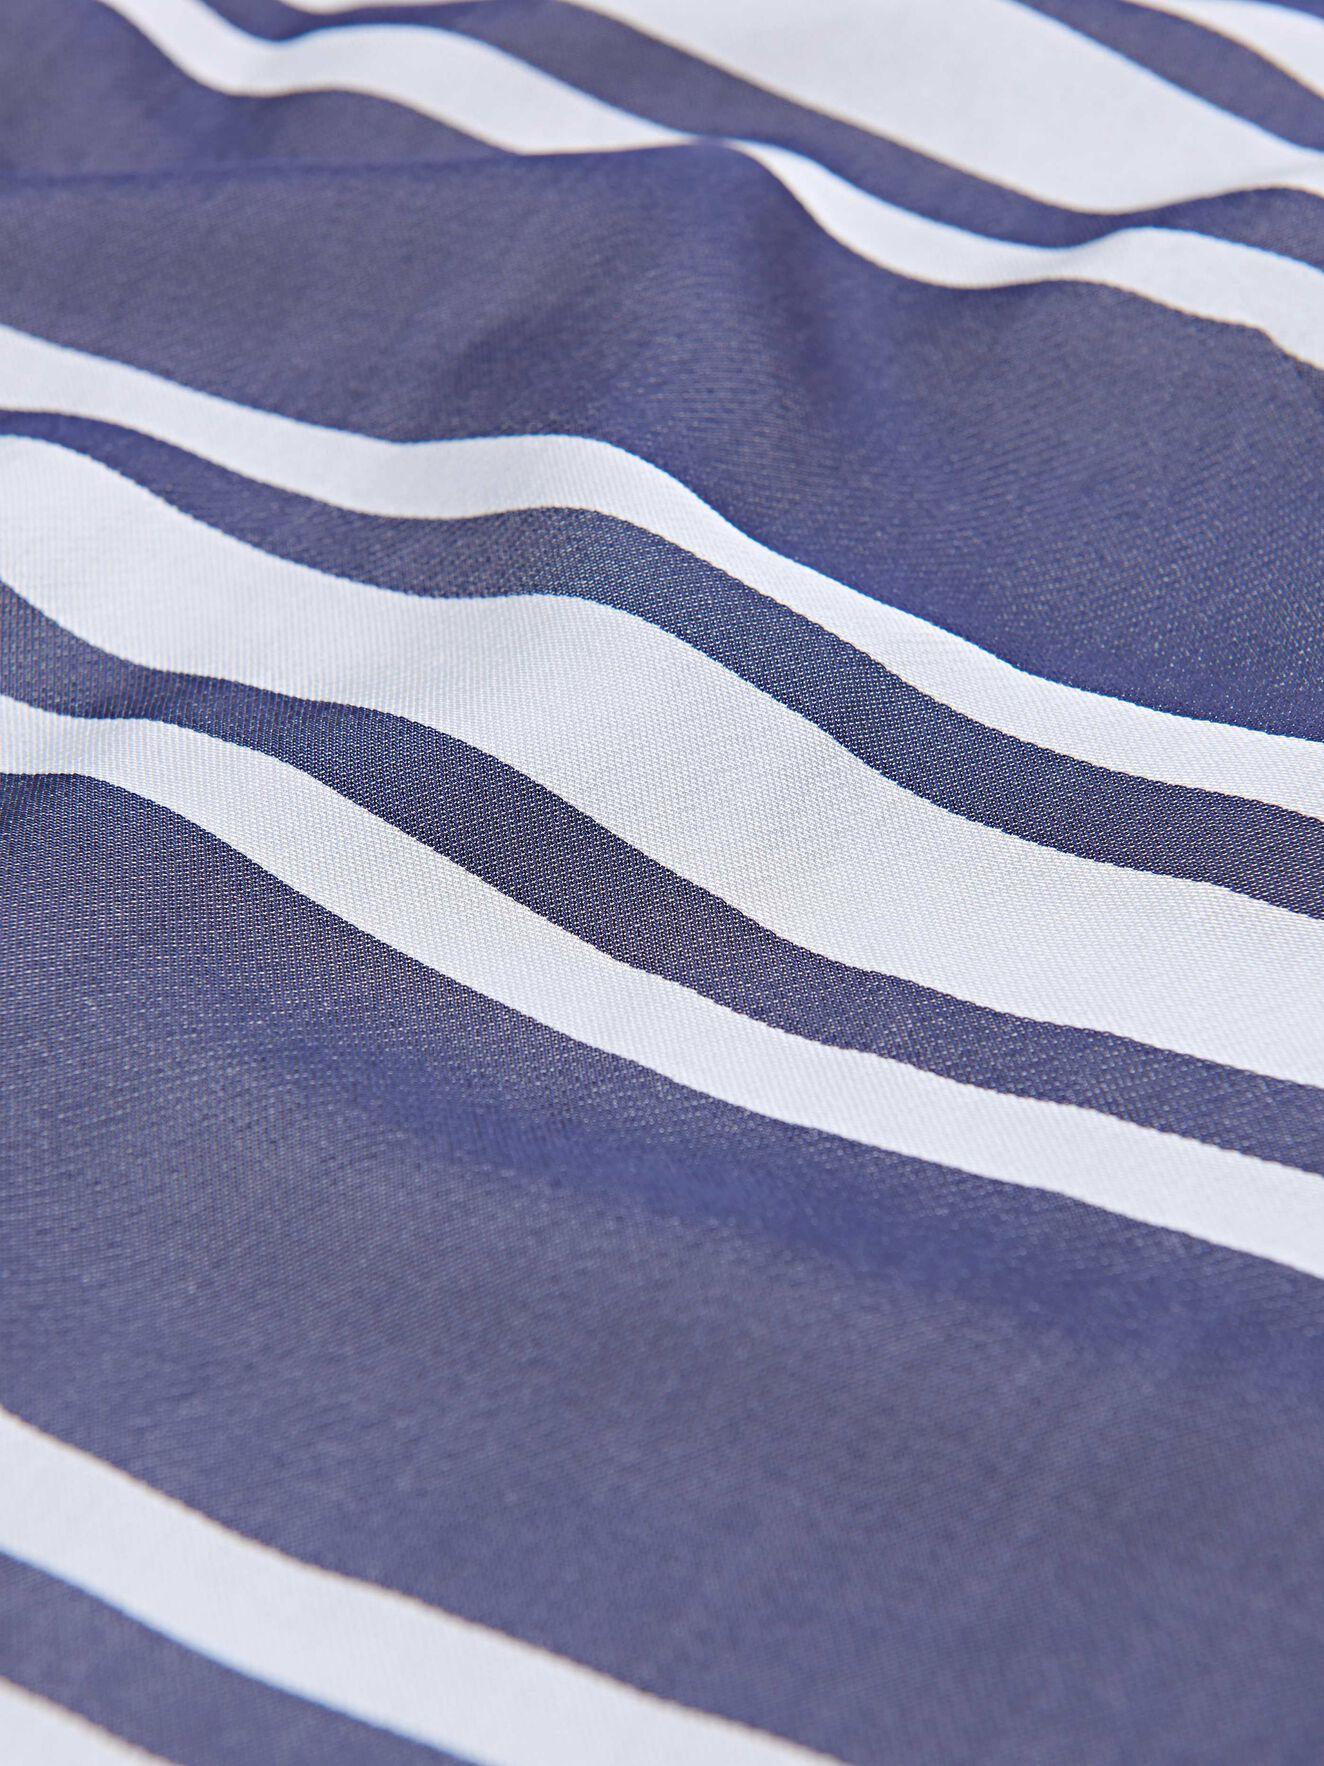 Sanako S Top in Deep Ocean Blue from Tiger of Sweden